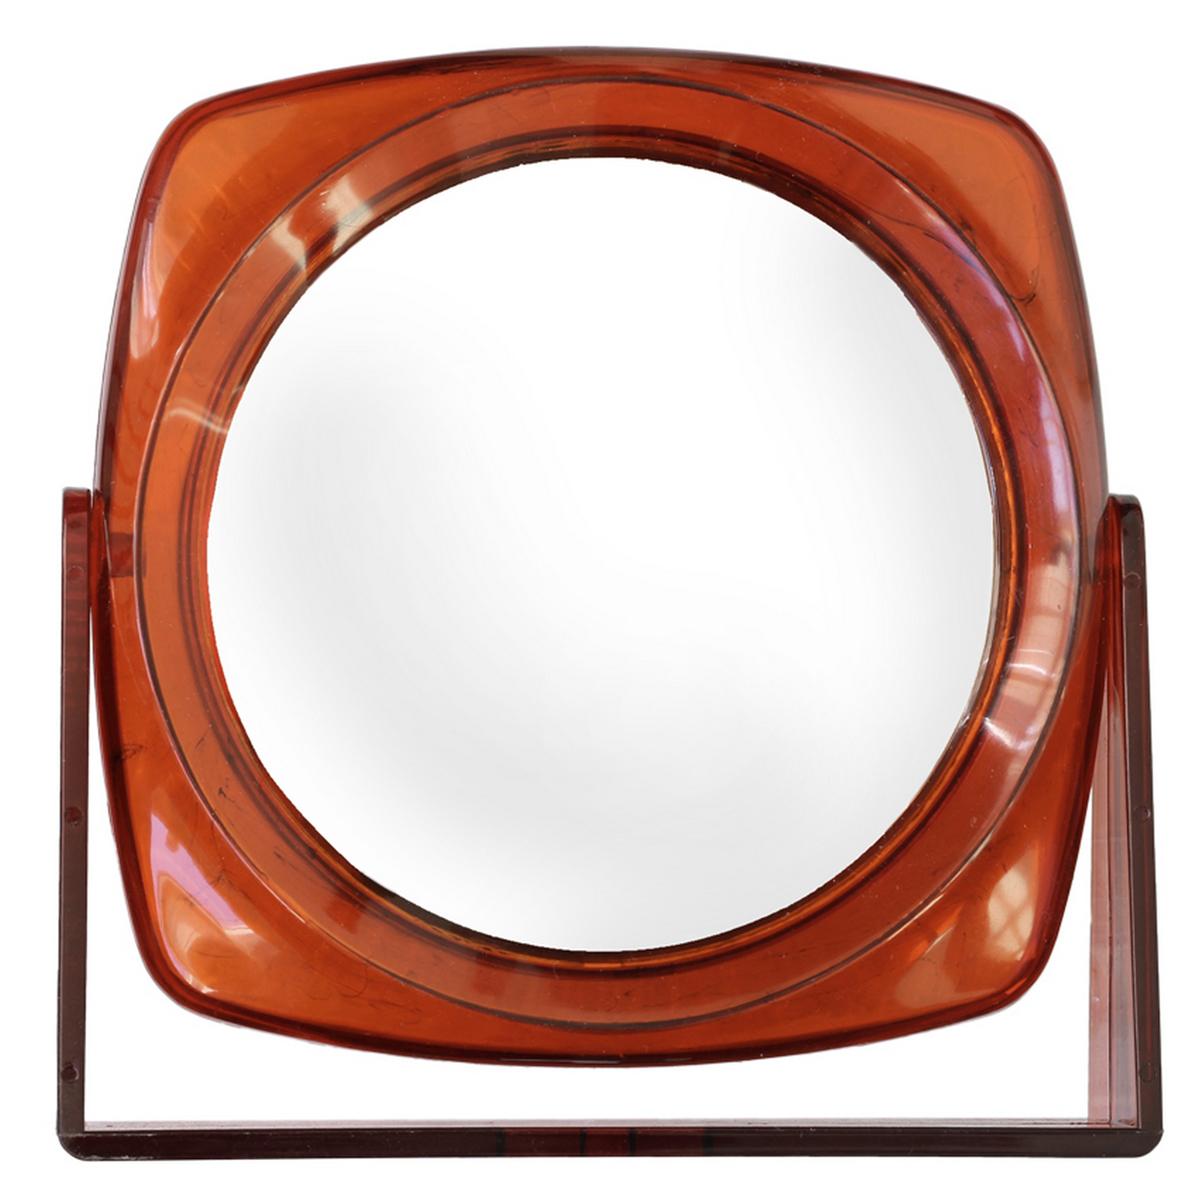 Silva Зеркало настольное, круглое, цвет: коричневый SZ 584